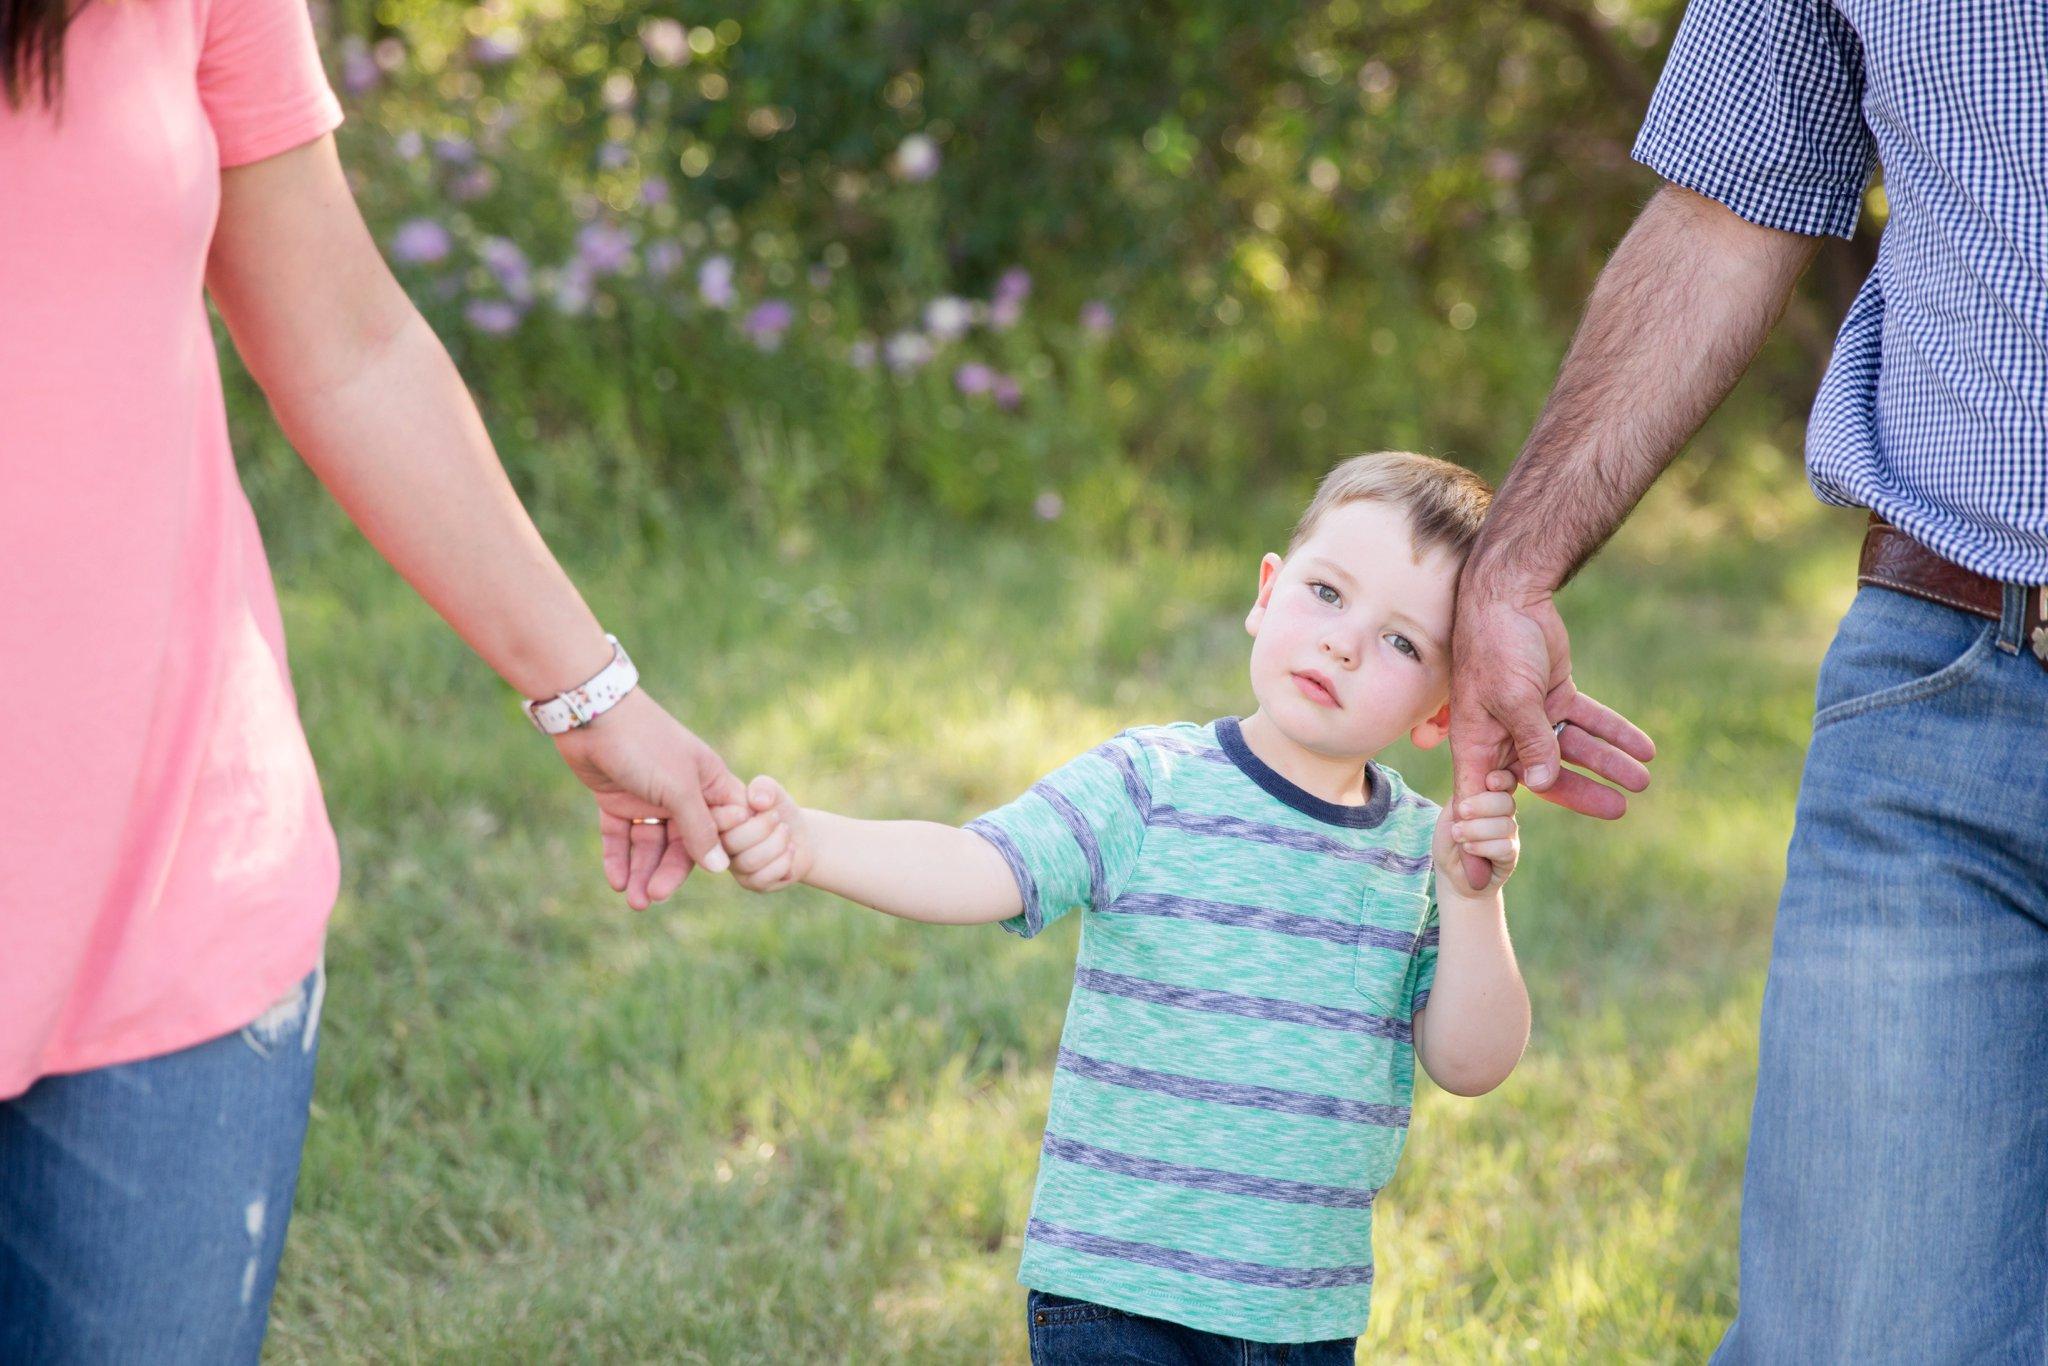 lubbock-family-photographer03.jpg